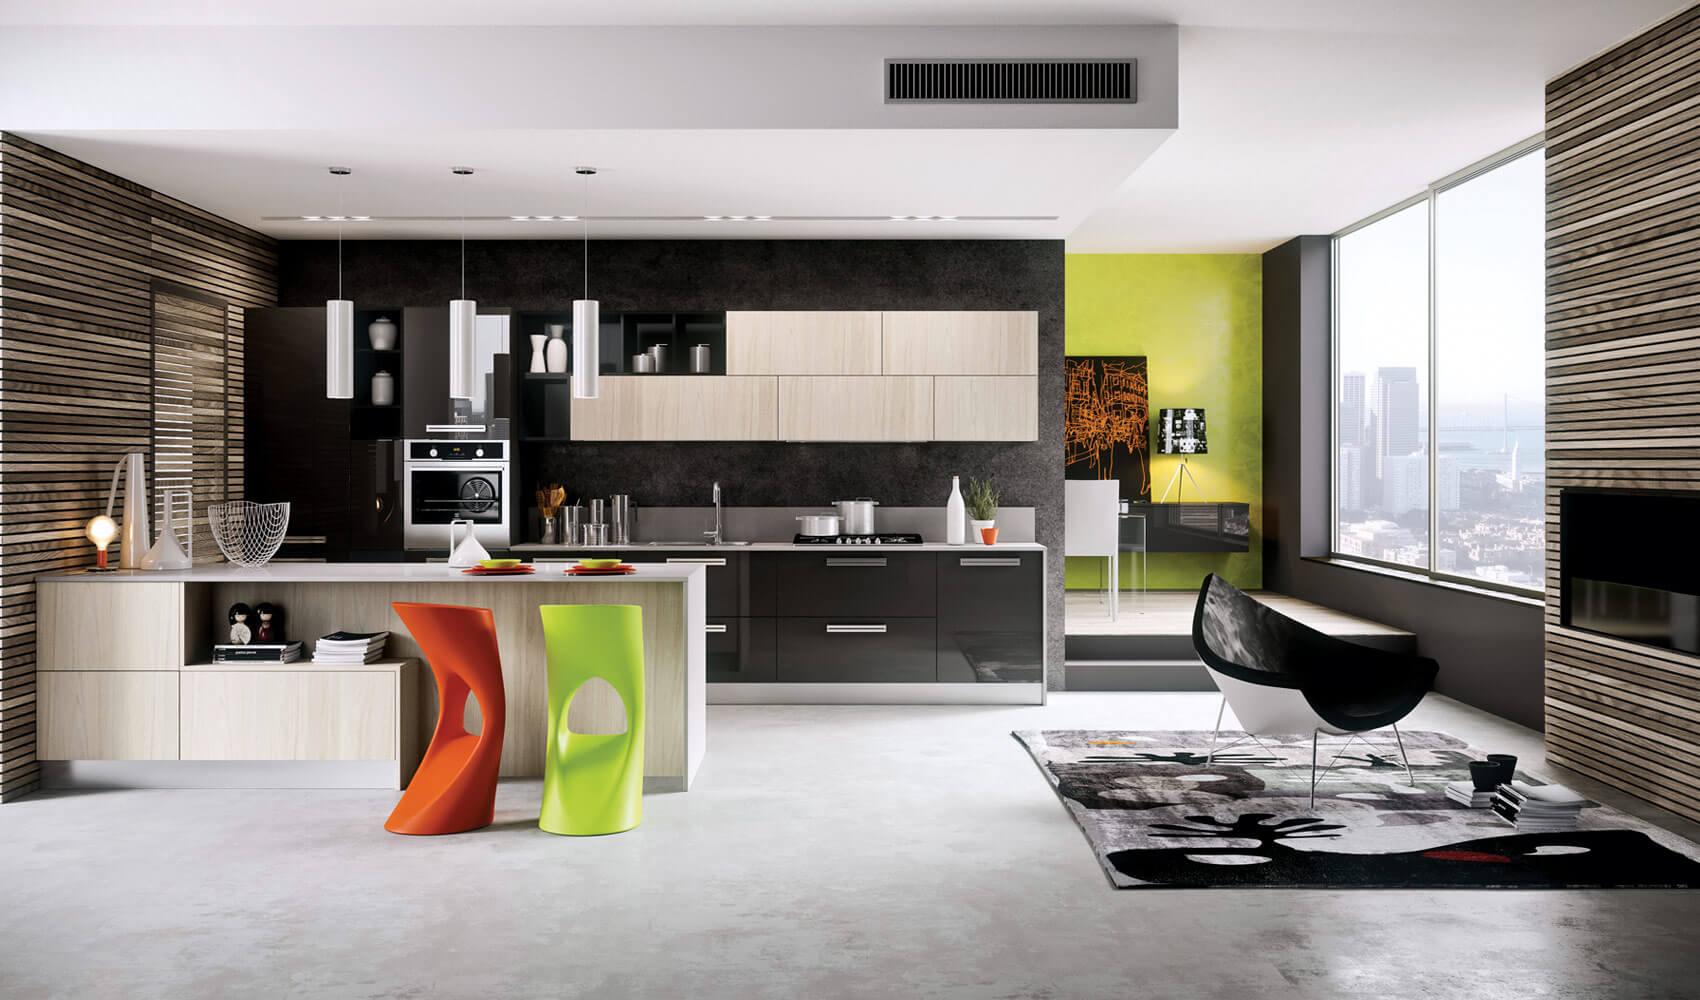 Modern kitchen design pop art style